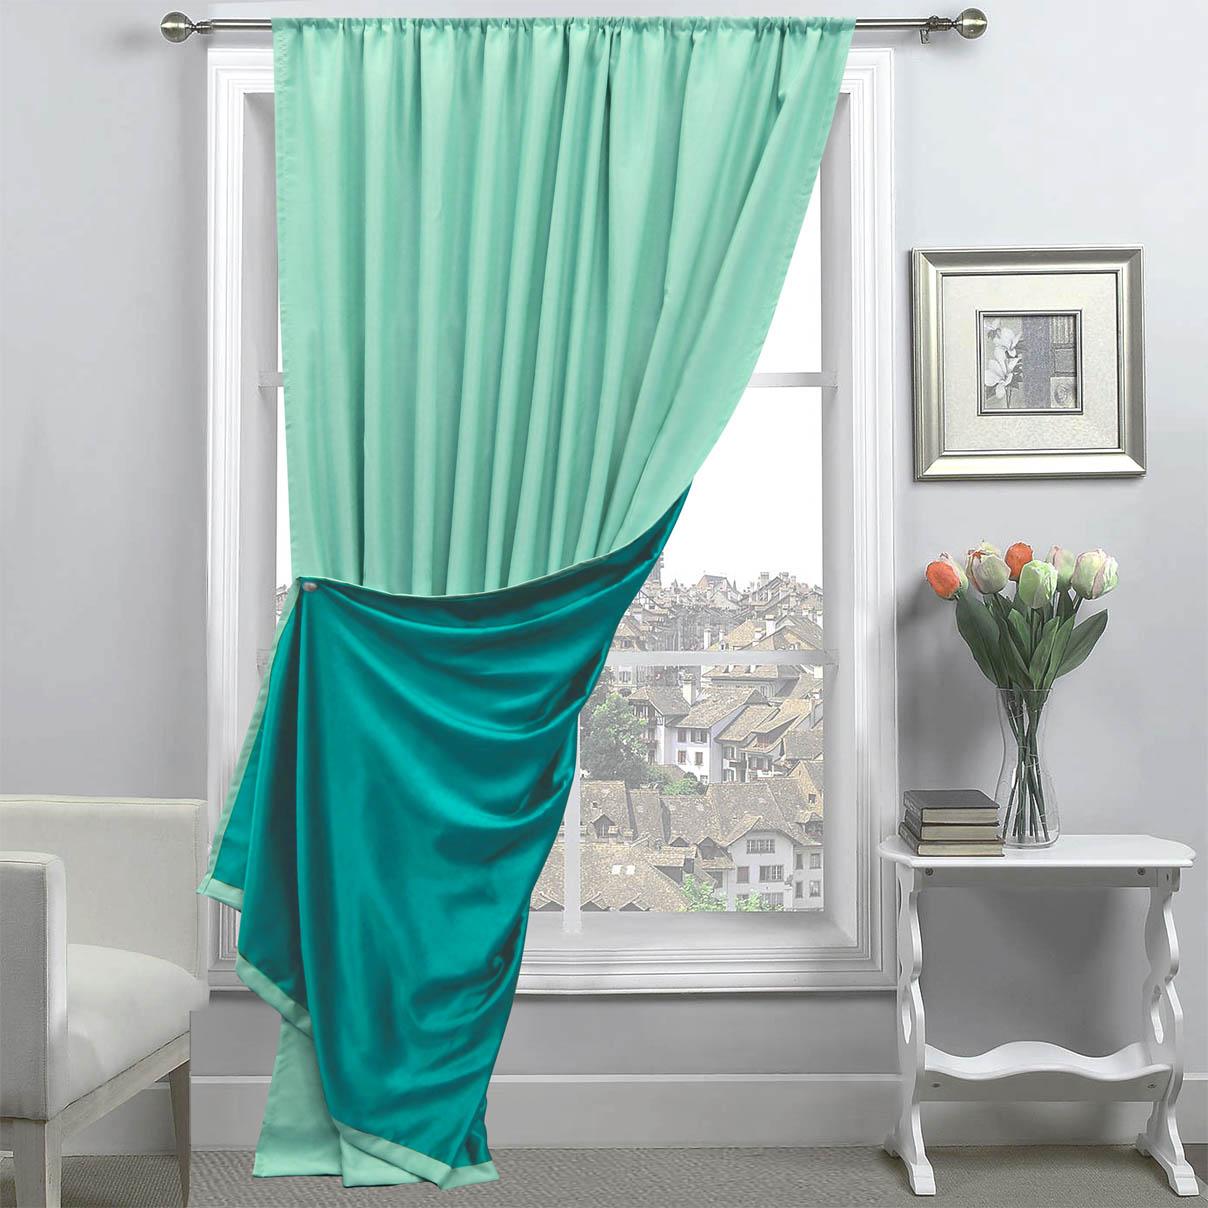 Купить Шторы Amore Mio, Классические шторы Milan Цвет: Ментол/Бирюзовый, Китай, Зеленый, Blackout